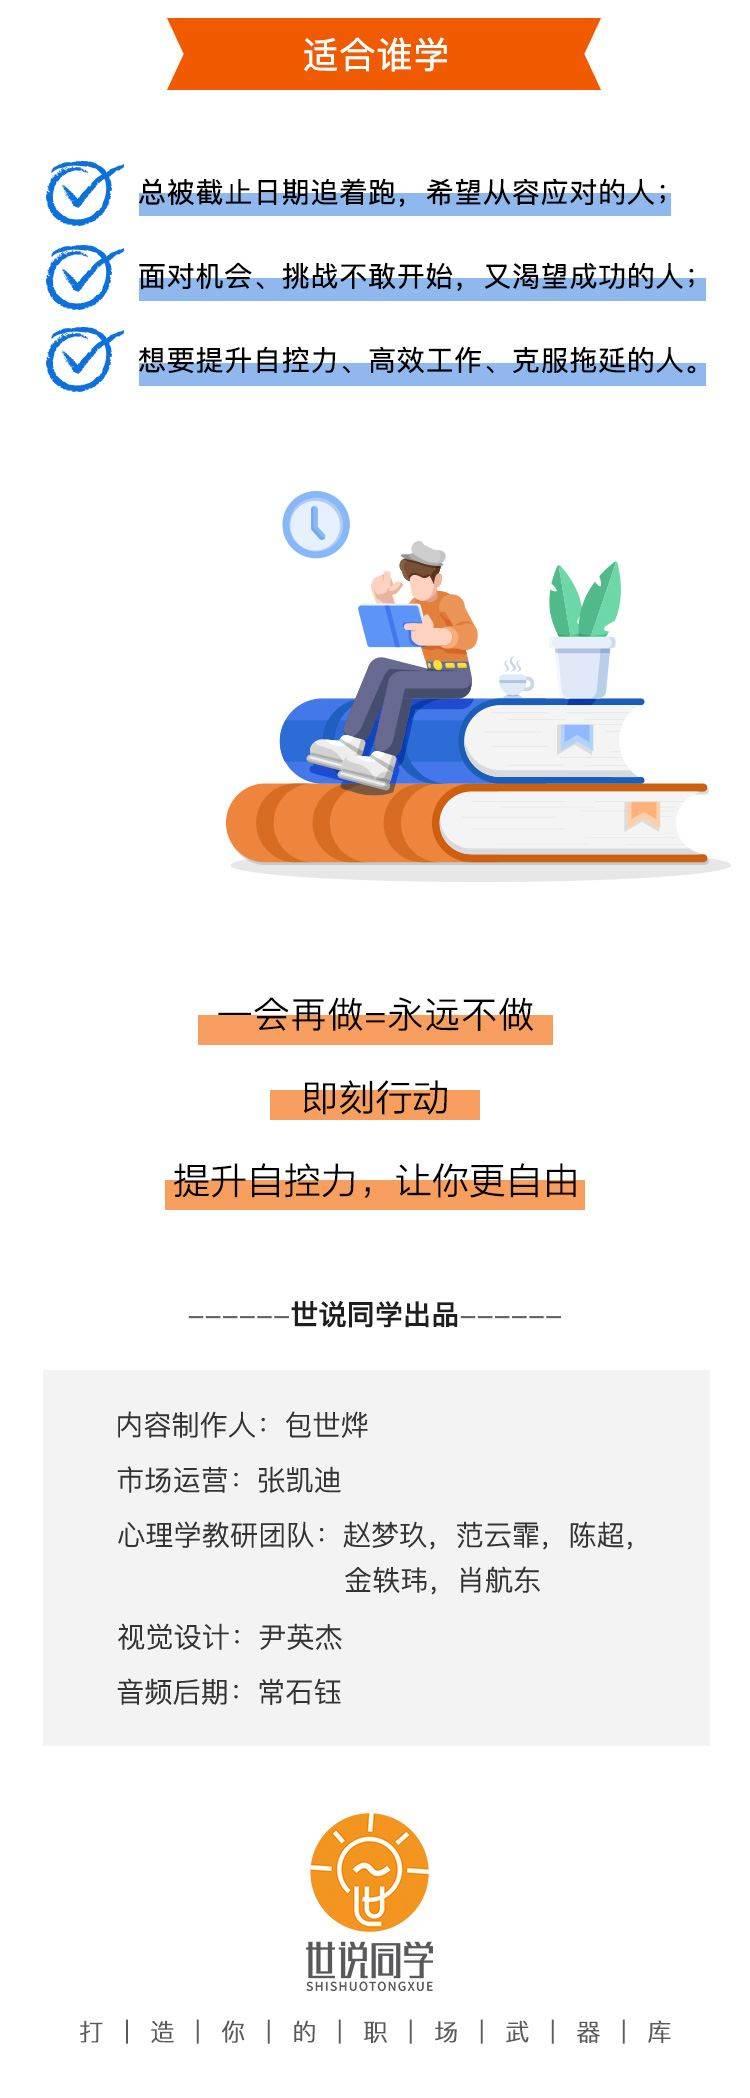 二十三天战胜拖延症-页面-定_06.jpg